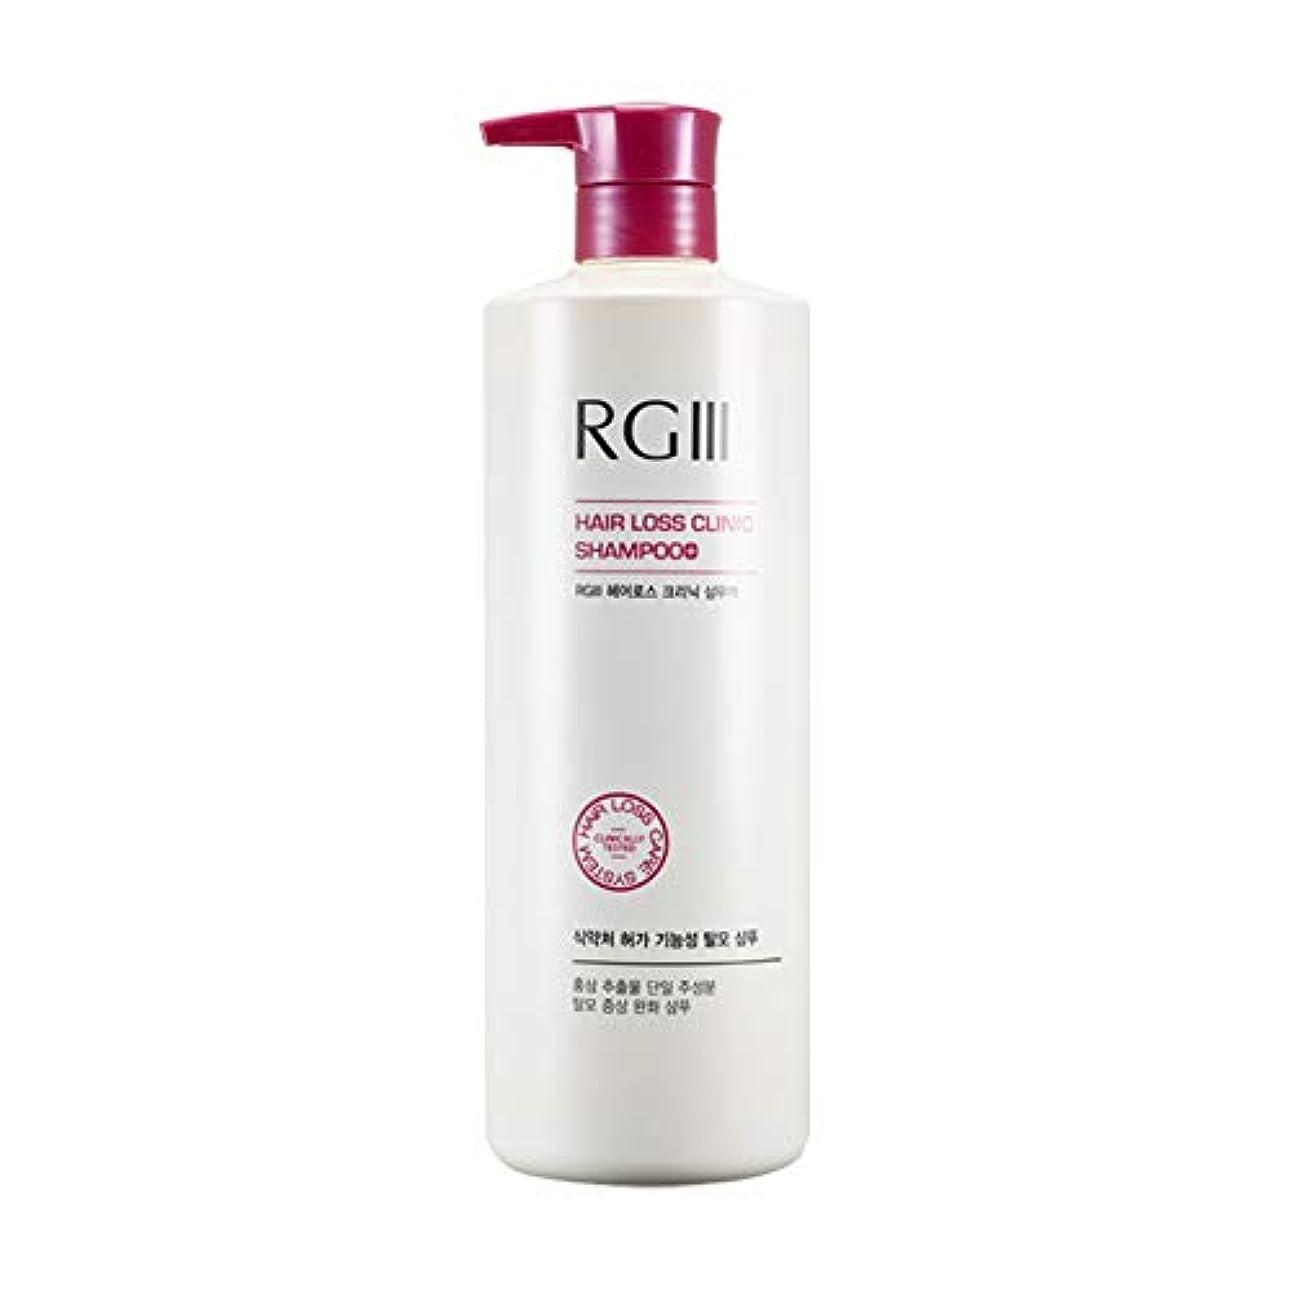 暗殺者ロゴ学者[コスモコス]COSMOCOS RGスリーヘアロスクリニックシャンプー液 520ML 海外直送品 RGⅢ hair loss clinic shampoo [並行輸入品]